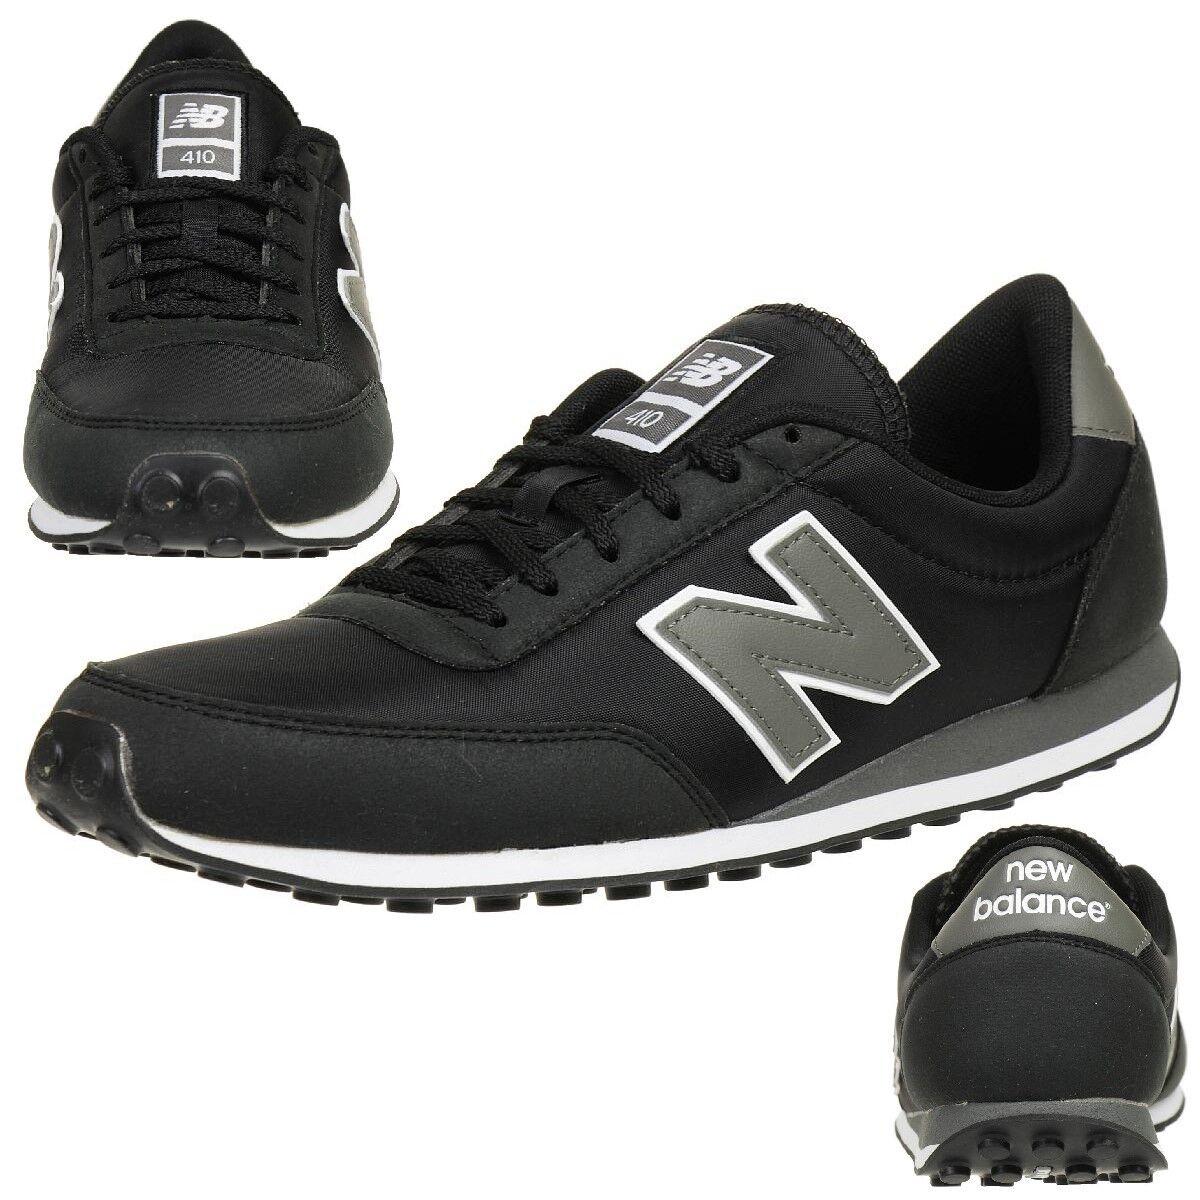 New Balance u410 CC Turnchaussures Unisexe chaussures De Sport noir